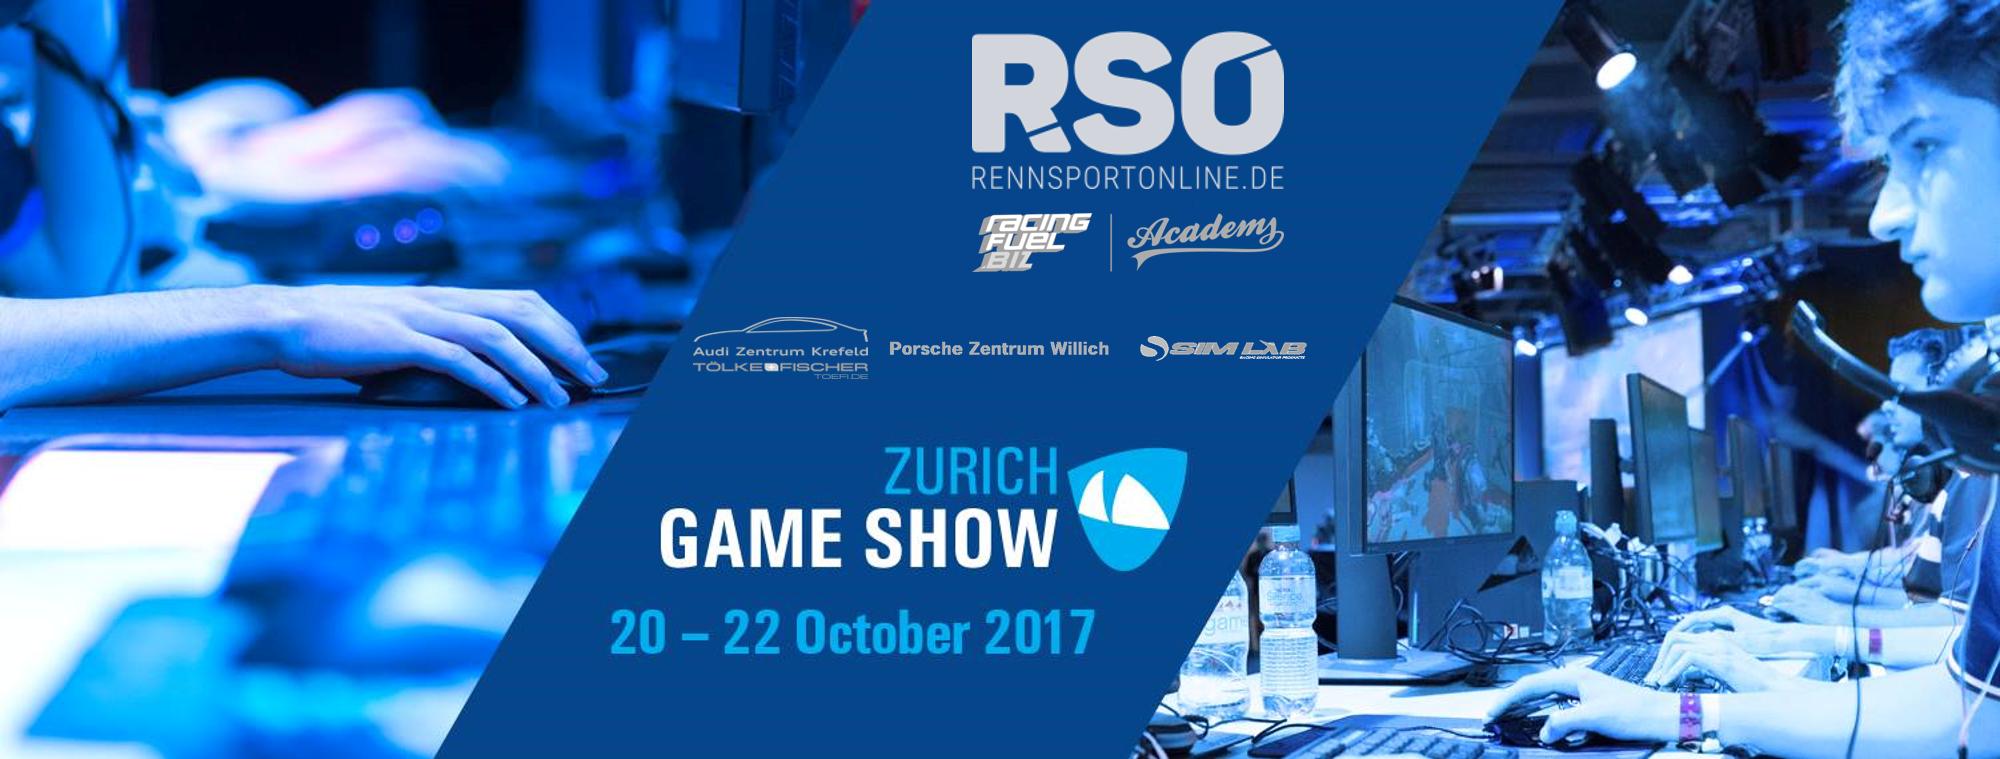 Zurich Game Show